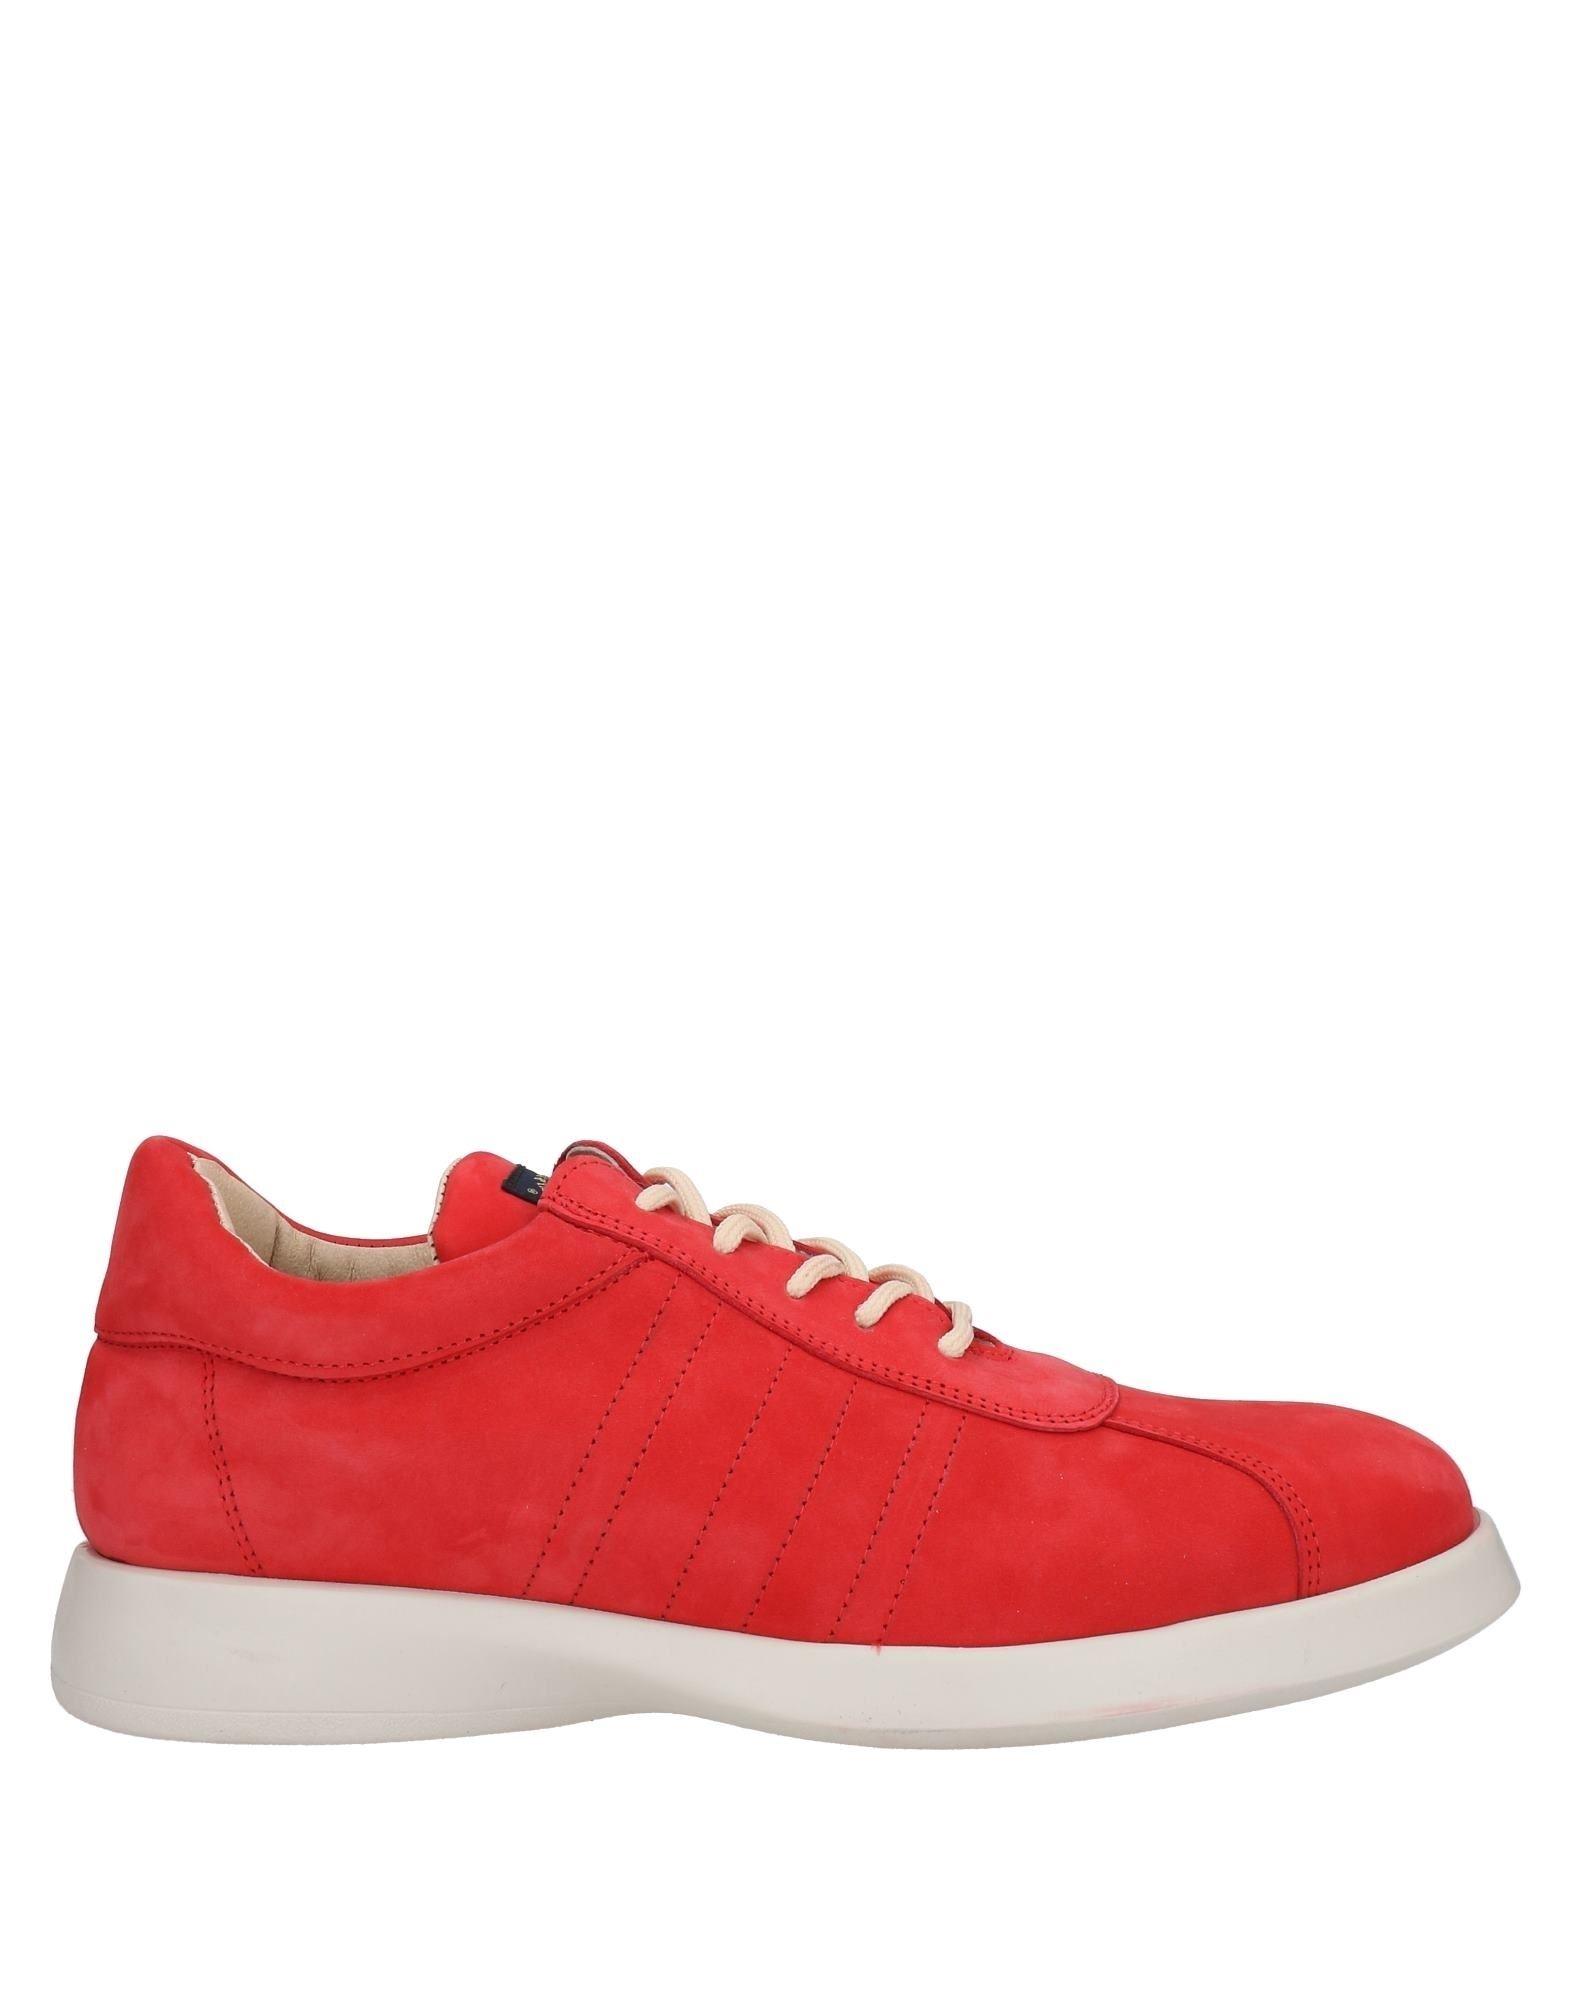 PAUL & SHARK Low-tops & sneakers - Item 11978730